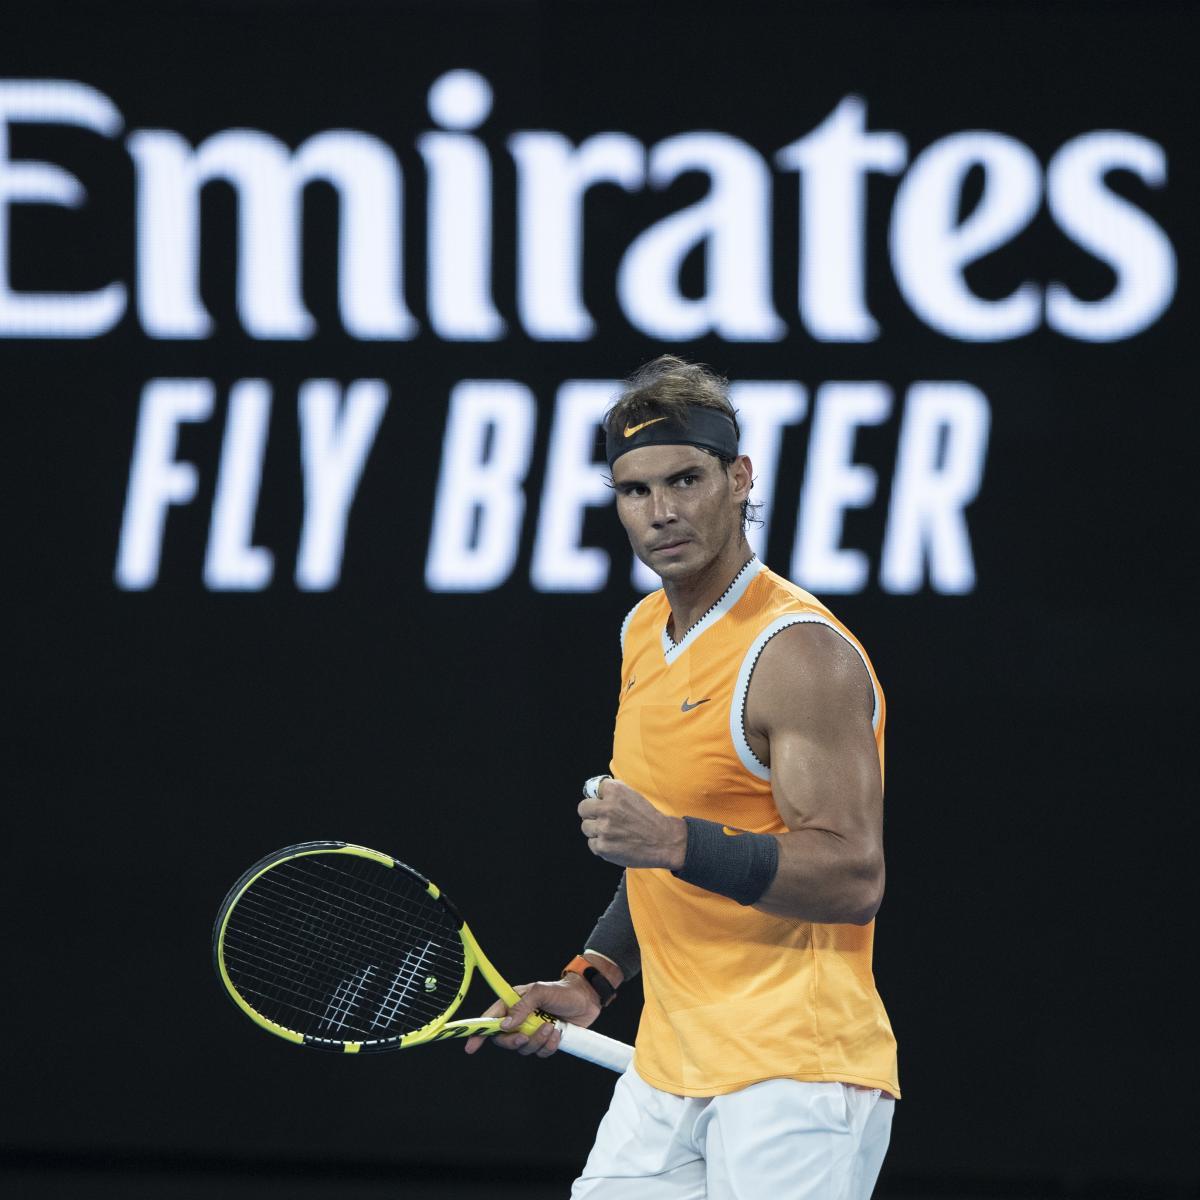 Australian Open 2019: Rafael Nadal Advances To Final In